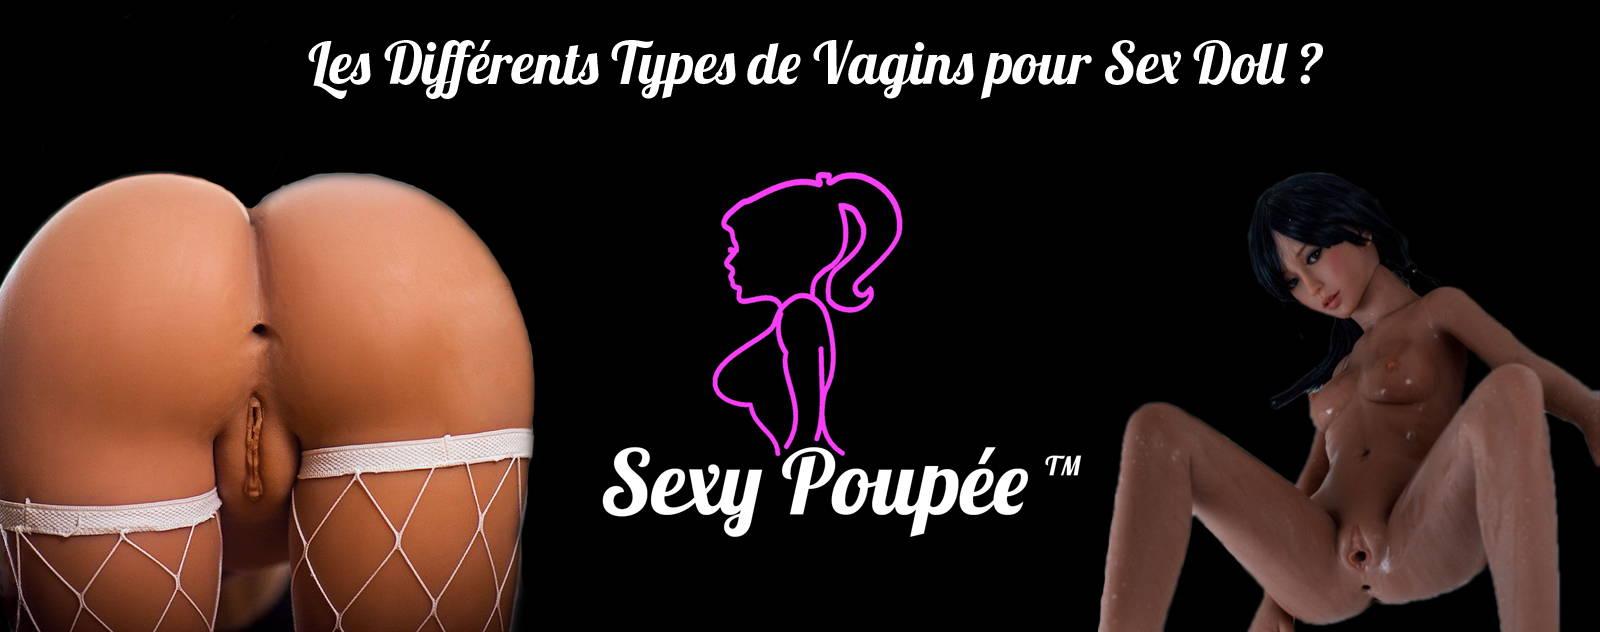 Blog les différents types de vagins pour Sex doll